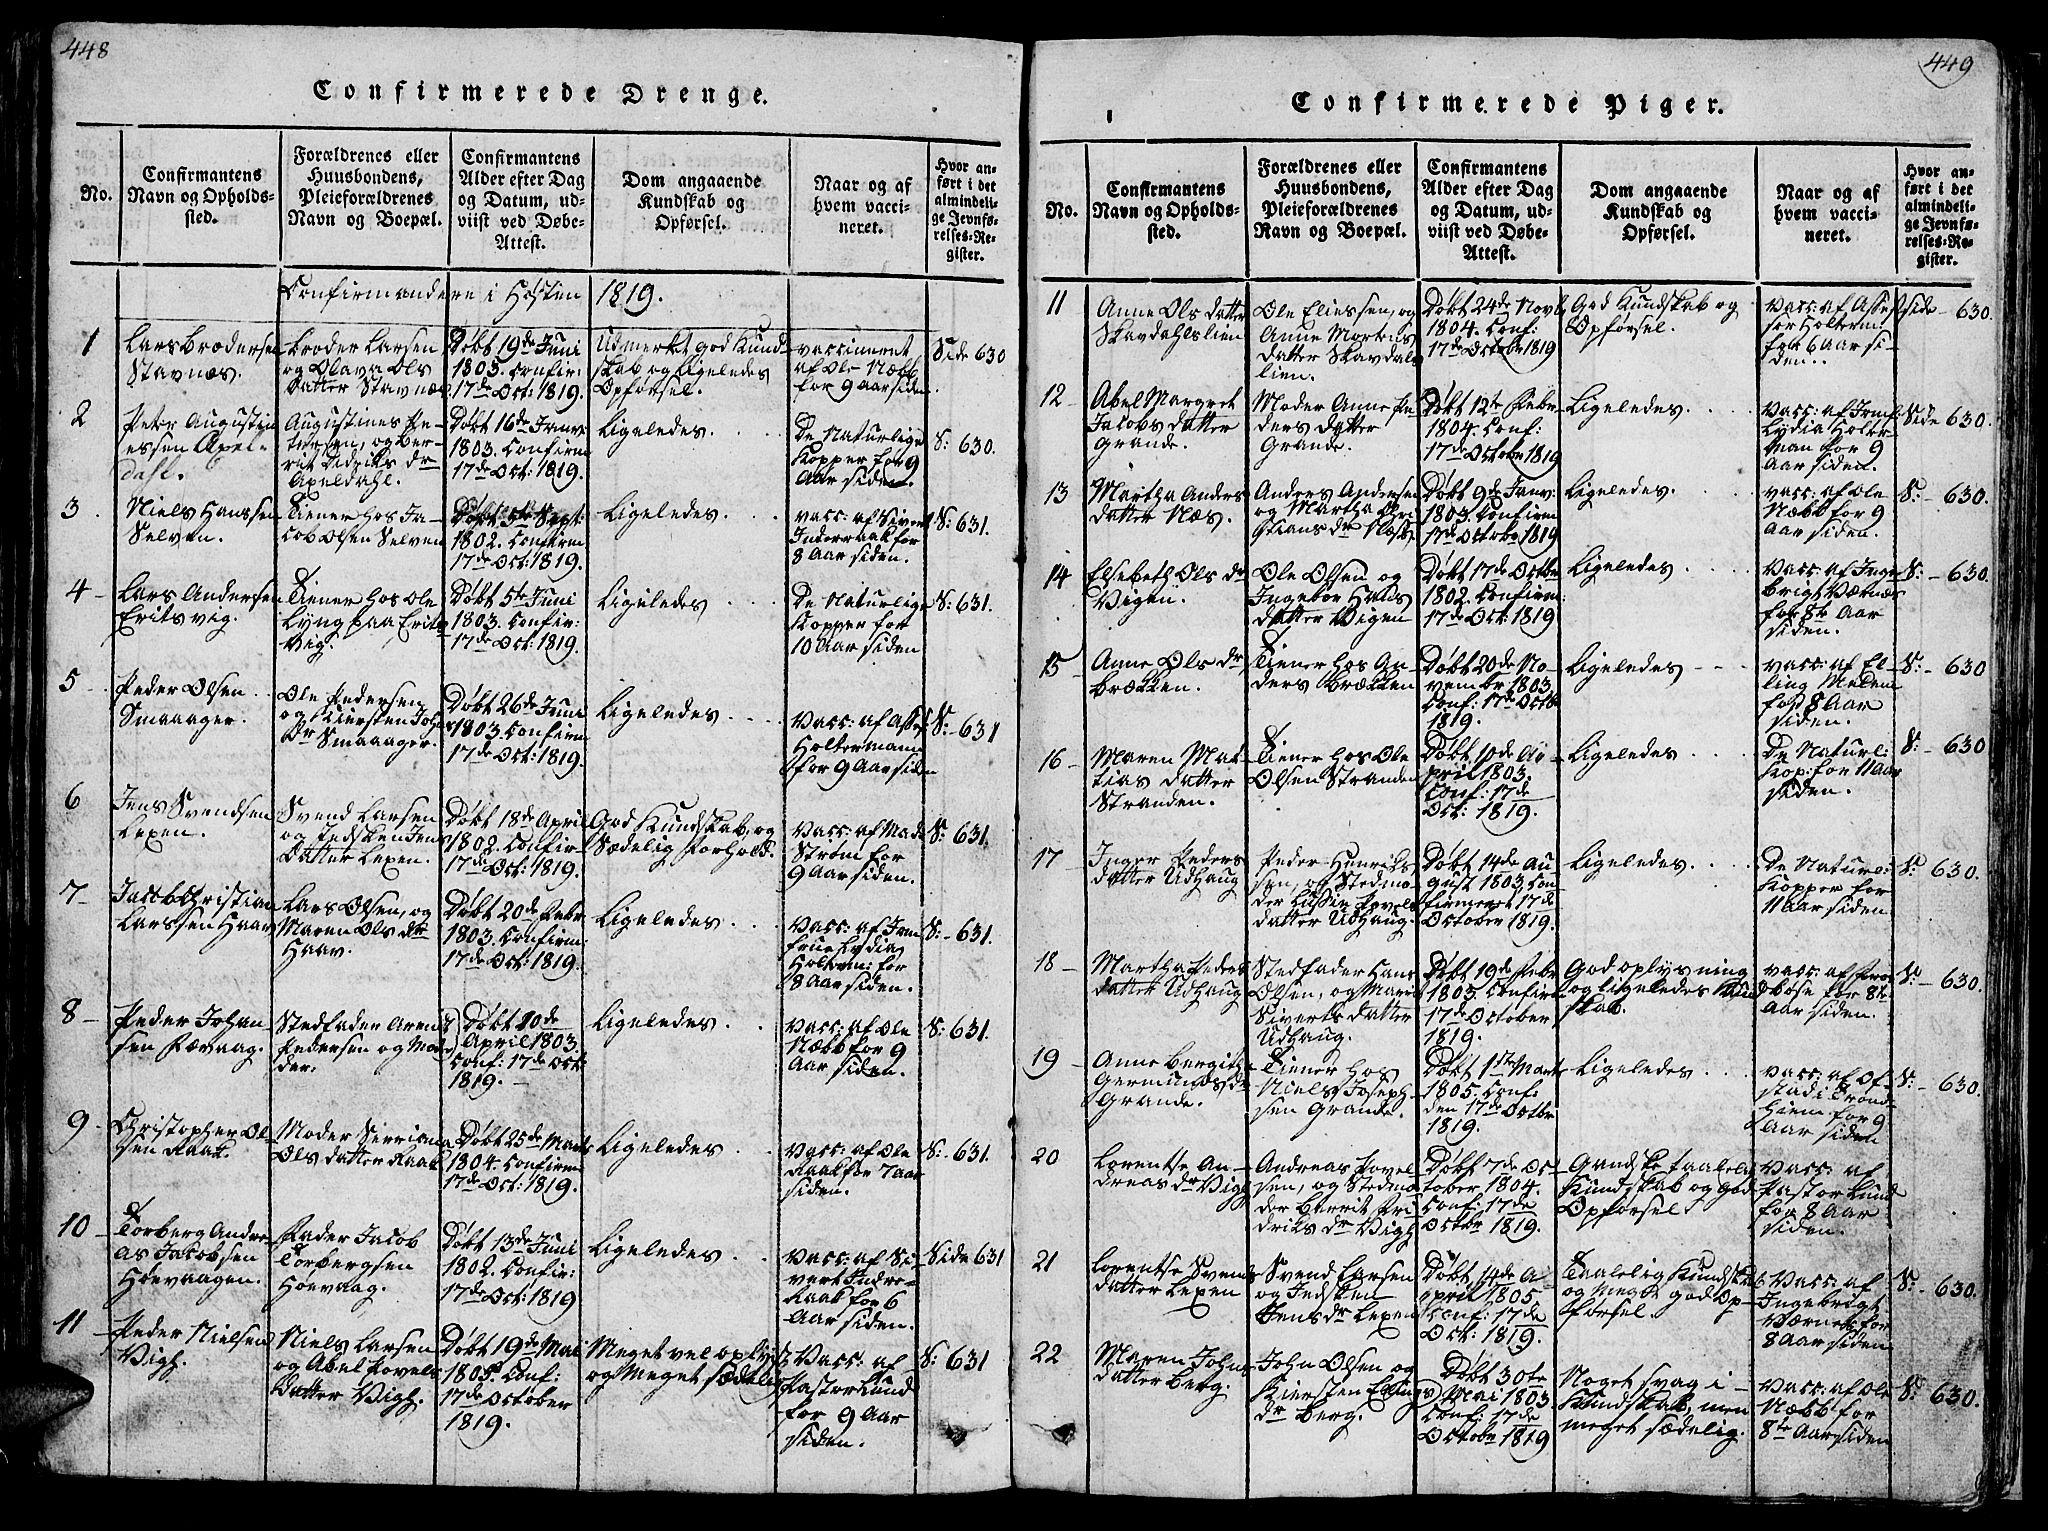 SAT, Ministerialprotokoller, klokkerbøker og fødselsregistre - Sør-Trøndelag, 659/L0744: Klokkerbok nr. 659C01, 1818-1825, s. 448-449